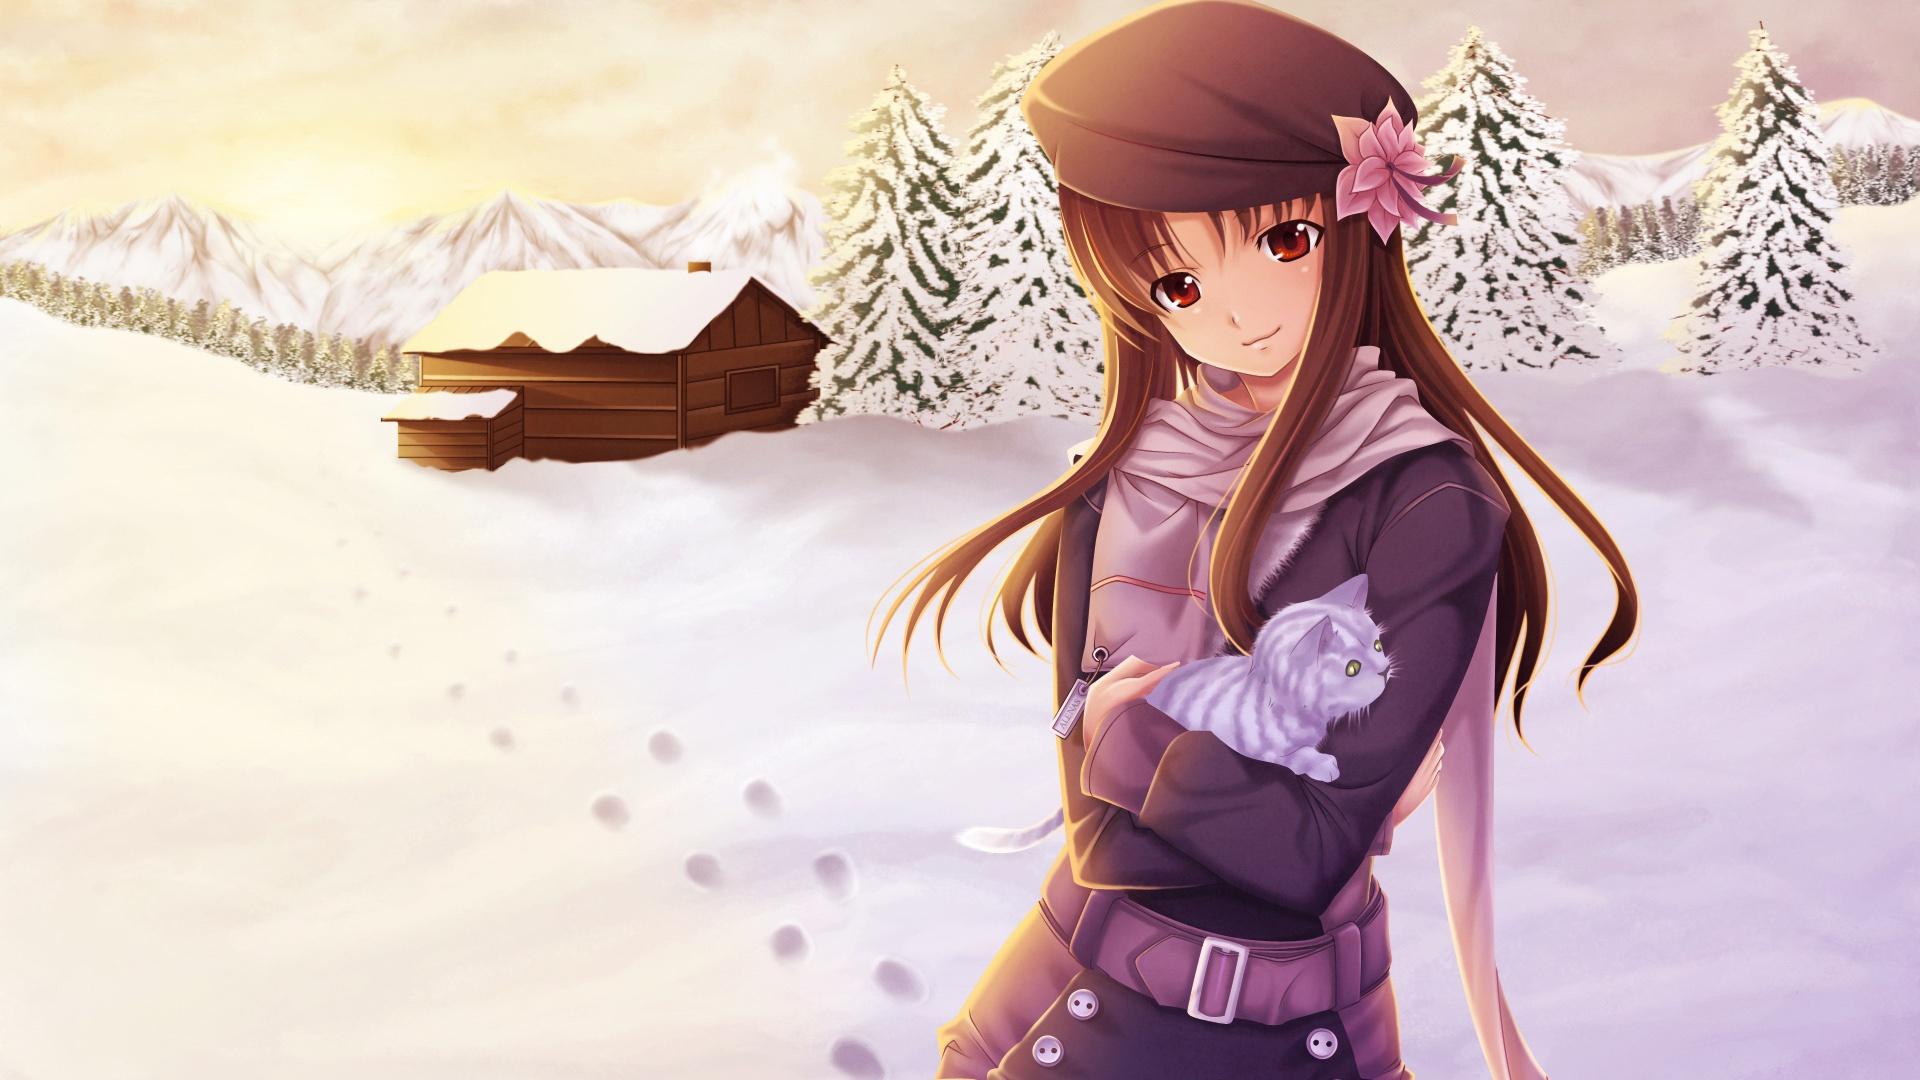 Winter Anime Girl Wallpaper: Anime Mädchen Im Schnee Winter 1920x1080 Full HD 2K